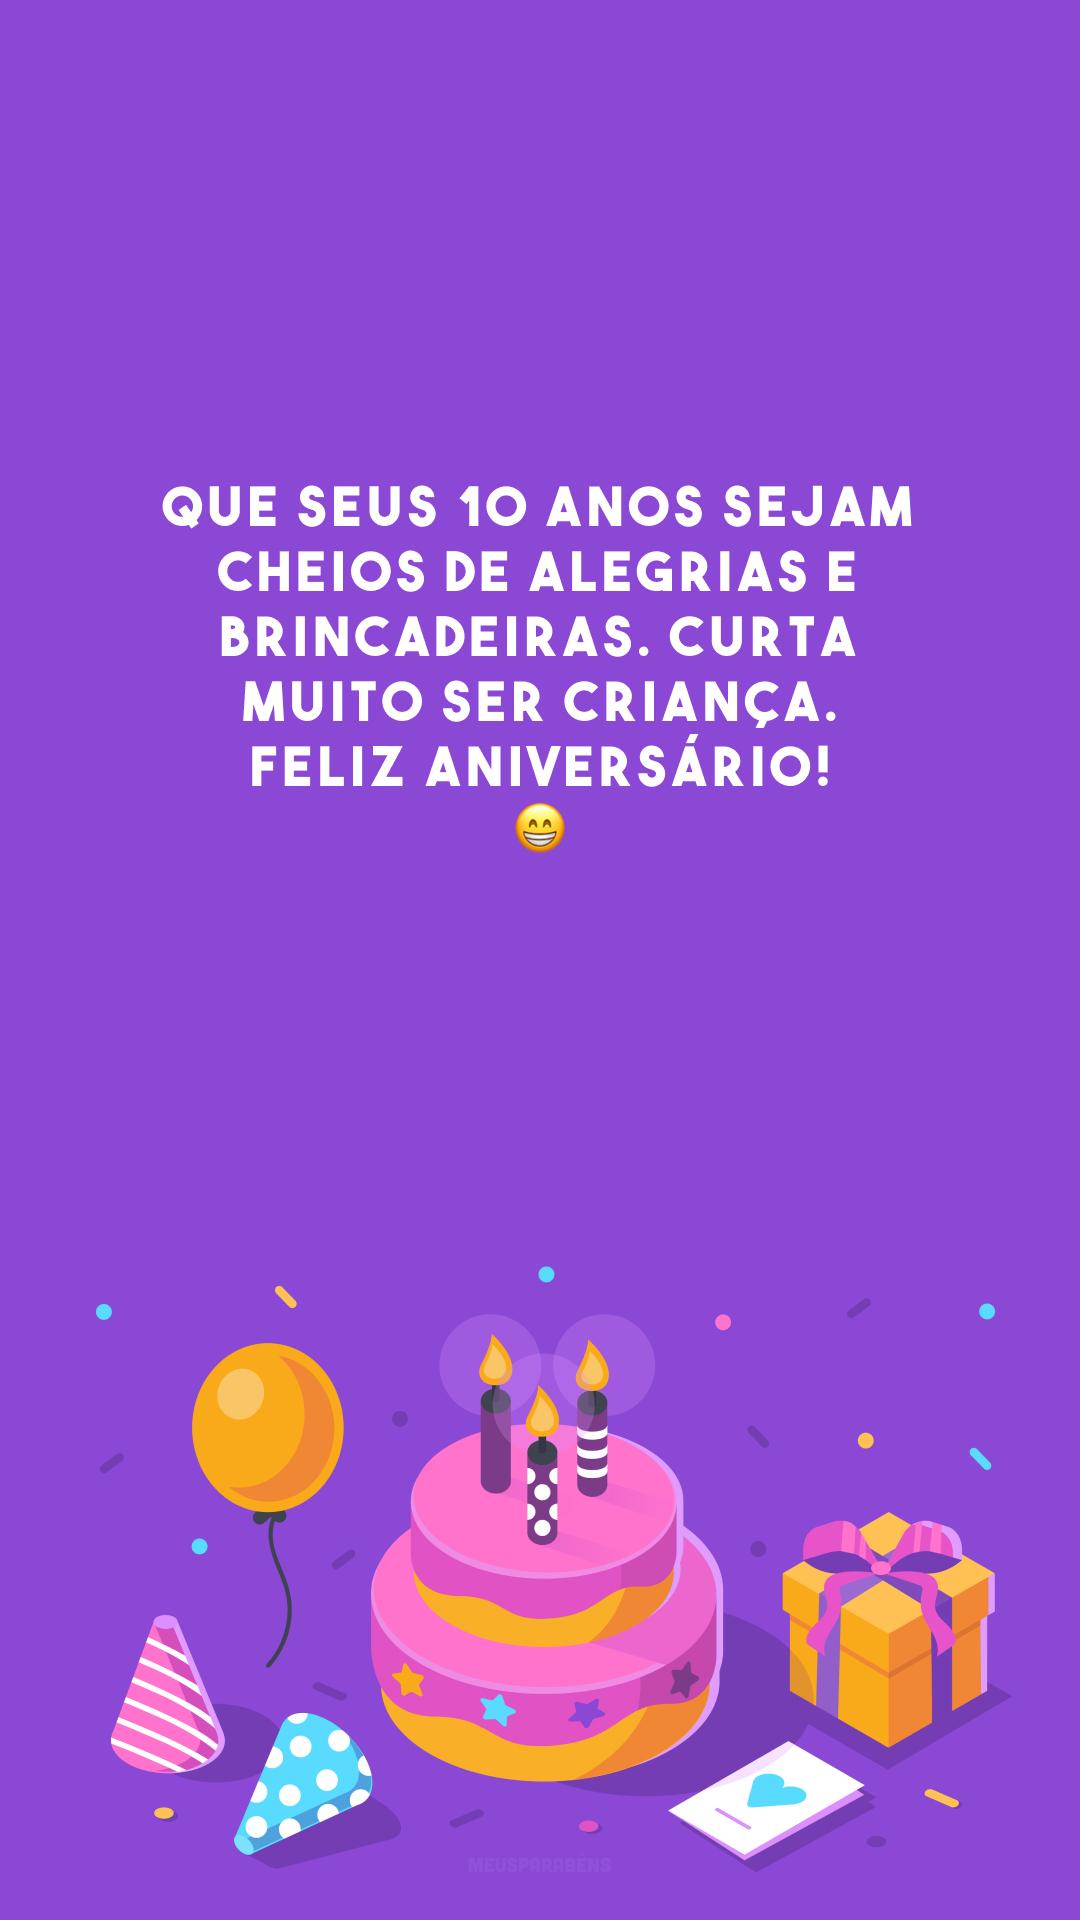 Que seus 10 anos sejam cheios de alegrias e brincadeiras. Curta muito ser criança. Feliz aniversário! 😁